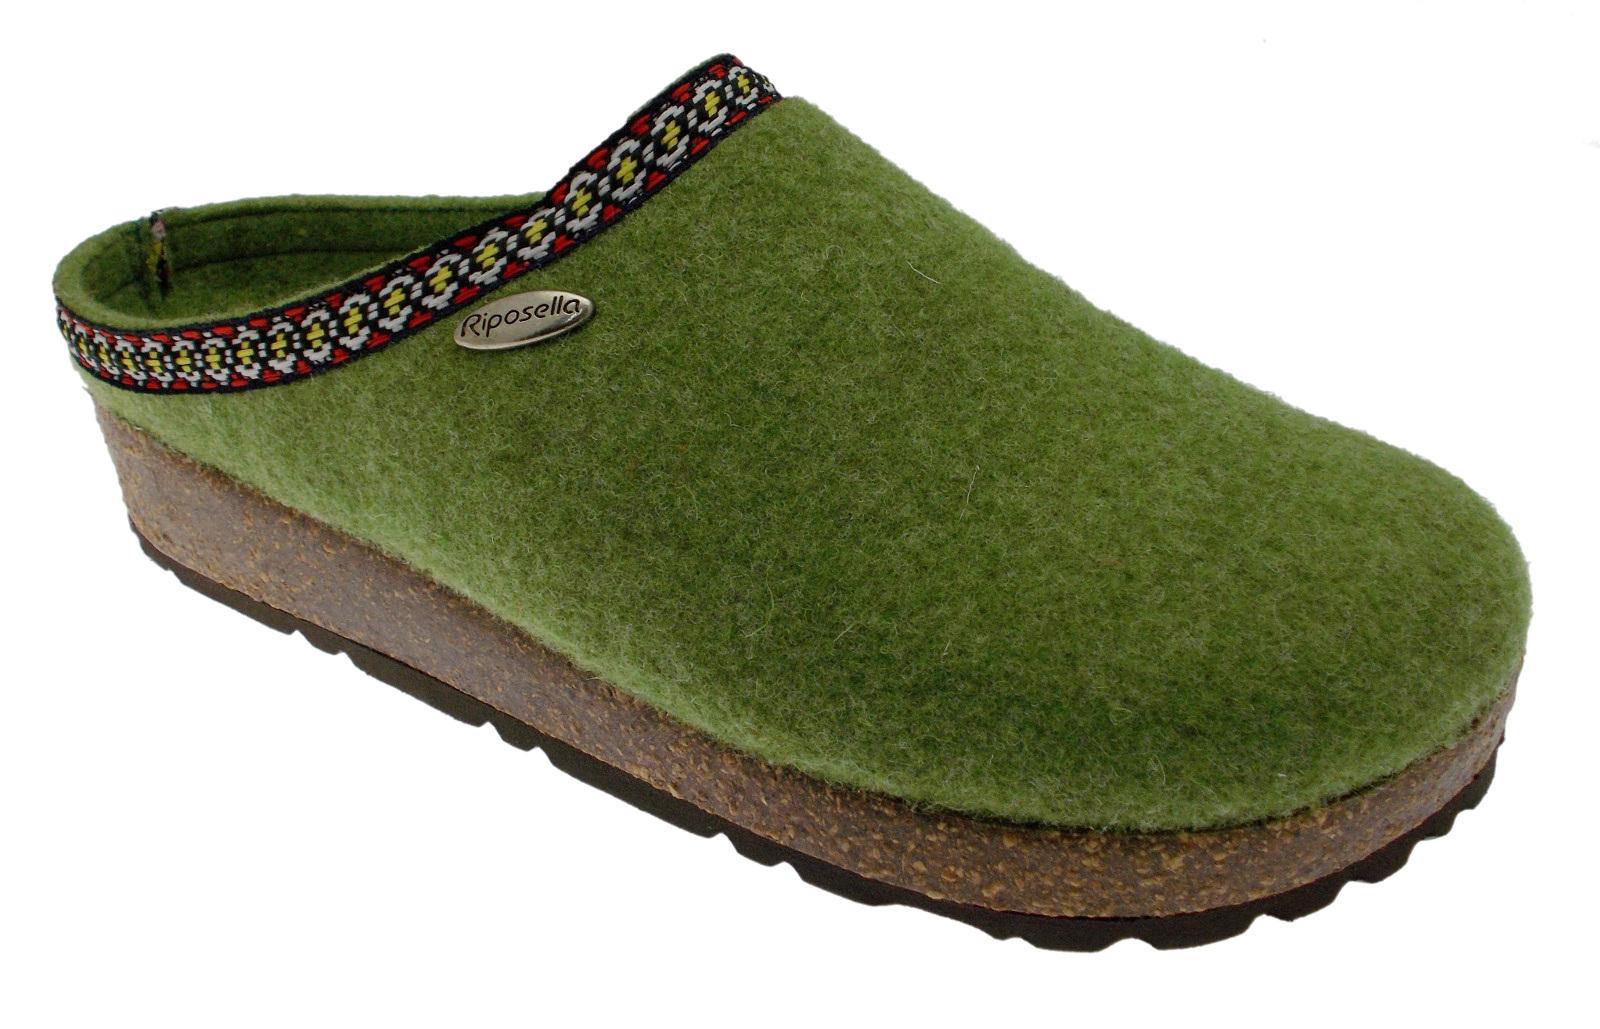 en cotta de vert et Riposella feutre 2930 de laine n80PkwOZNX